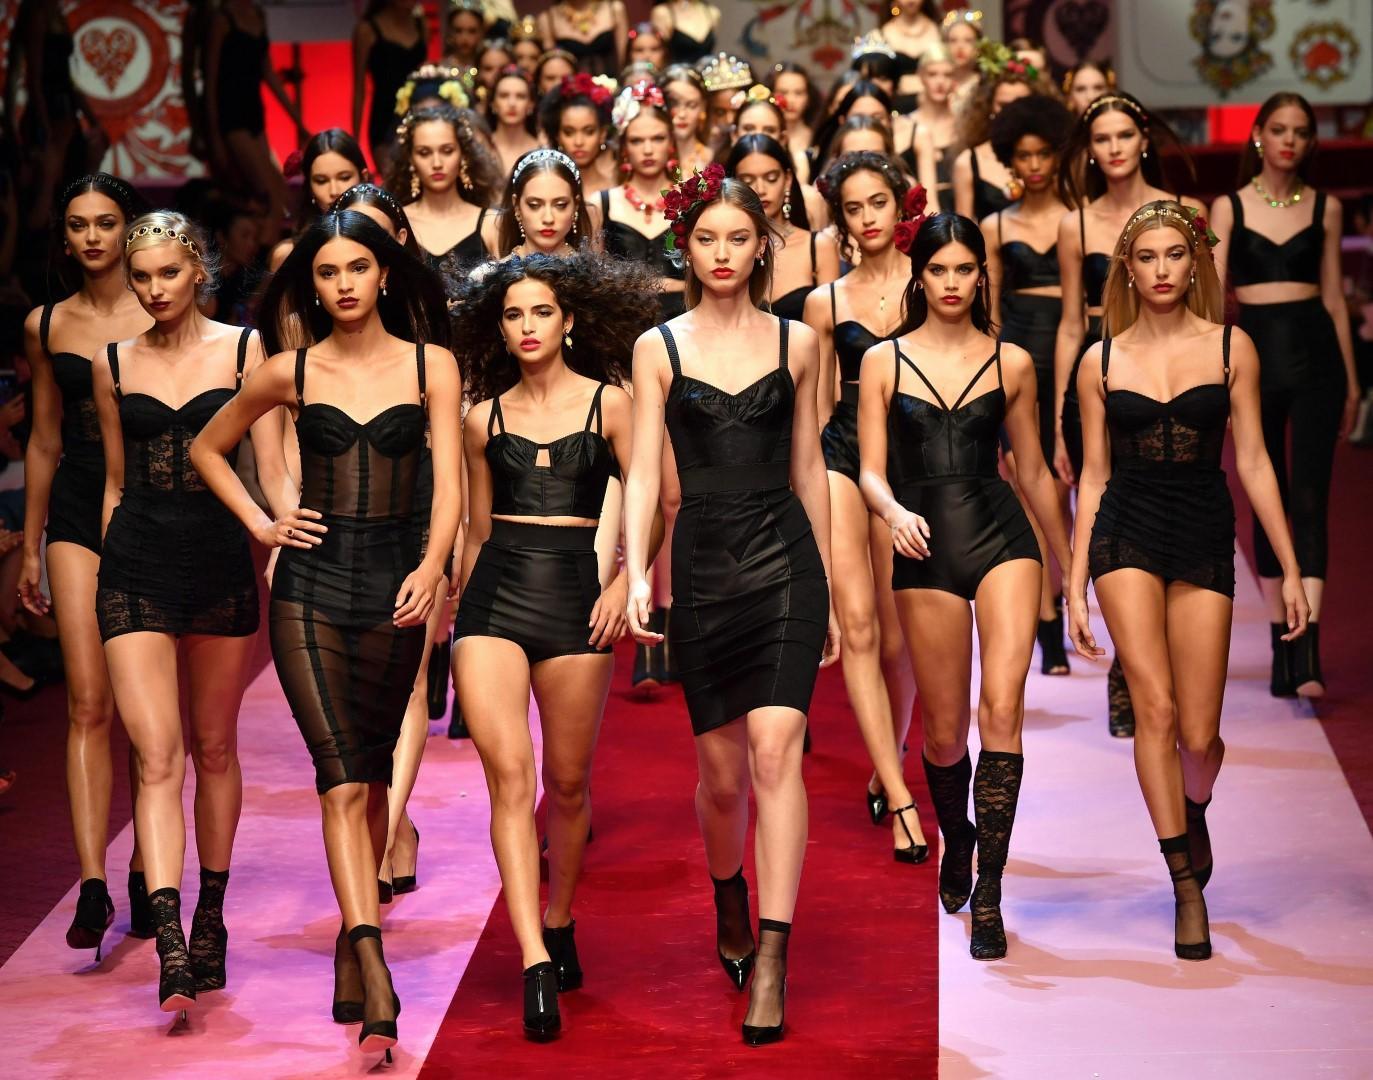 eccf590c56515 Dolce e Gabbana  la donna come Regina di cuori - Tgcom24